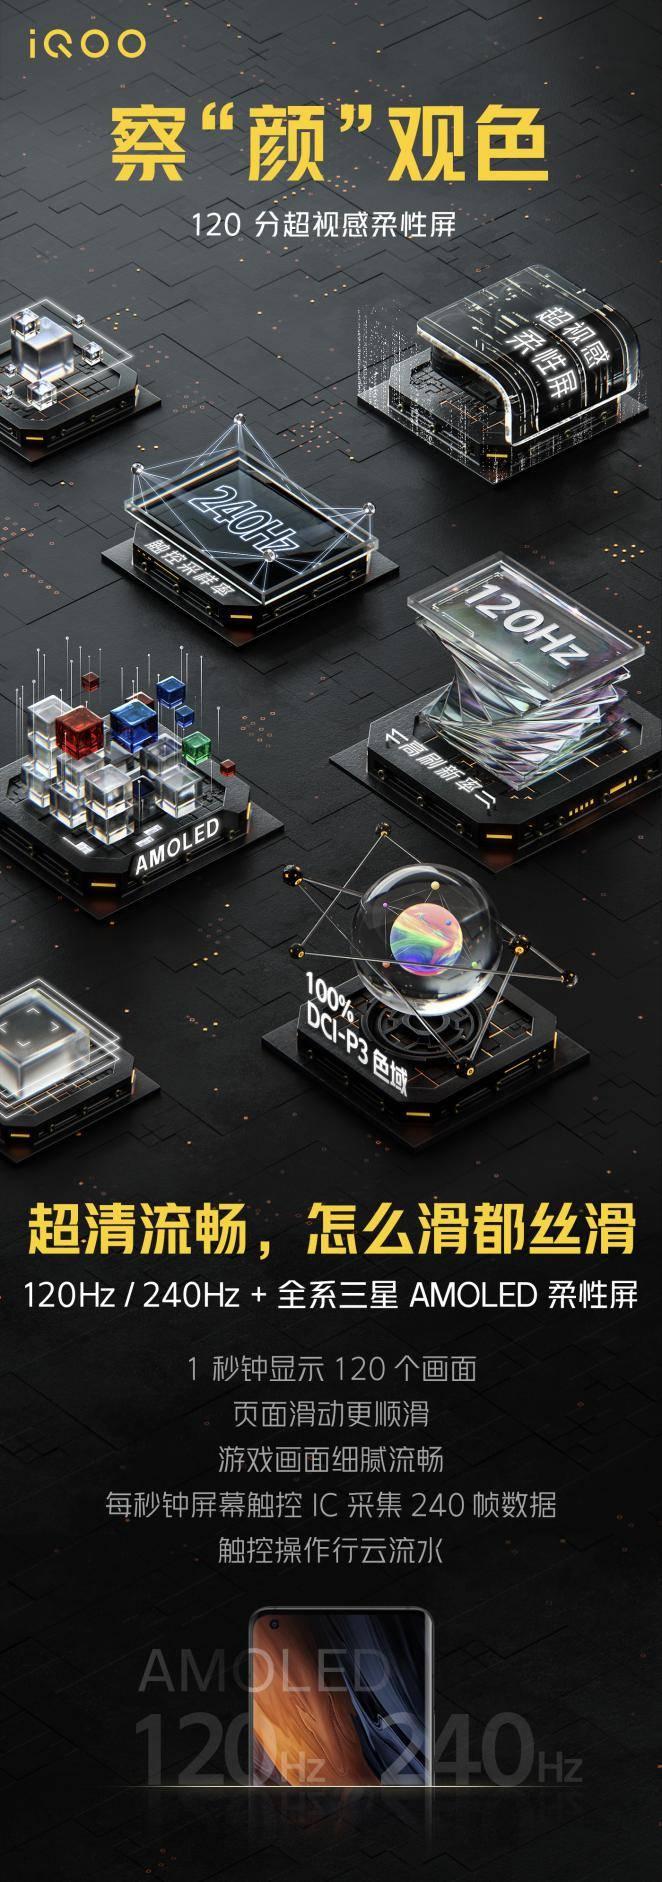 120Hz超视感柔性屏 iQOO 5 系列带来全新视觉体验